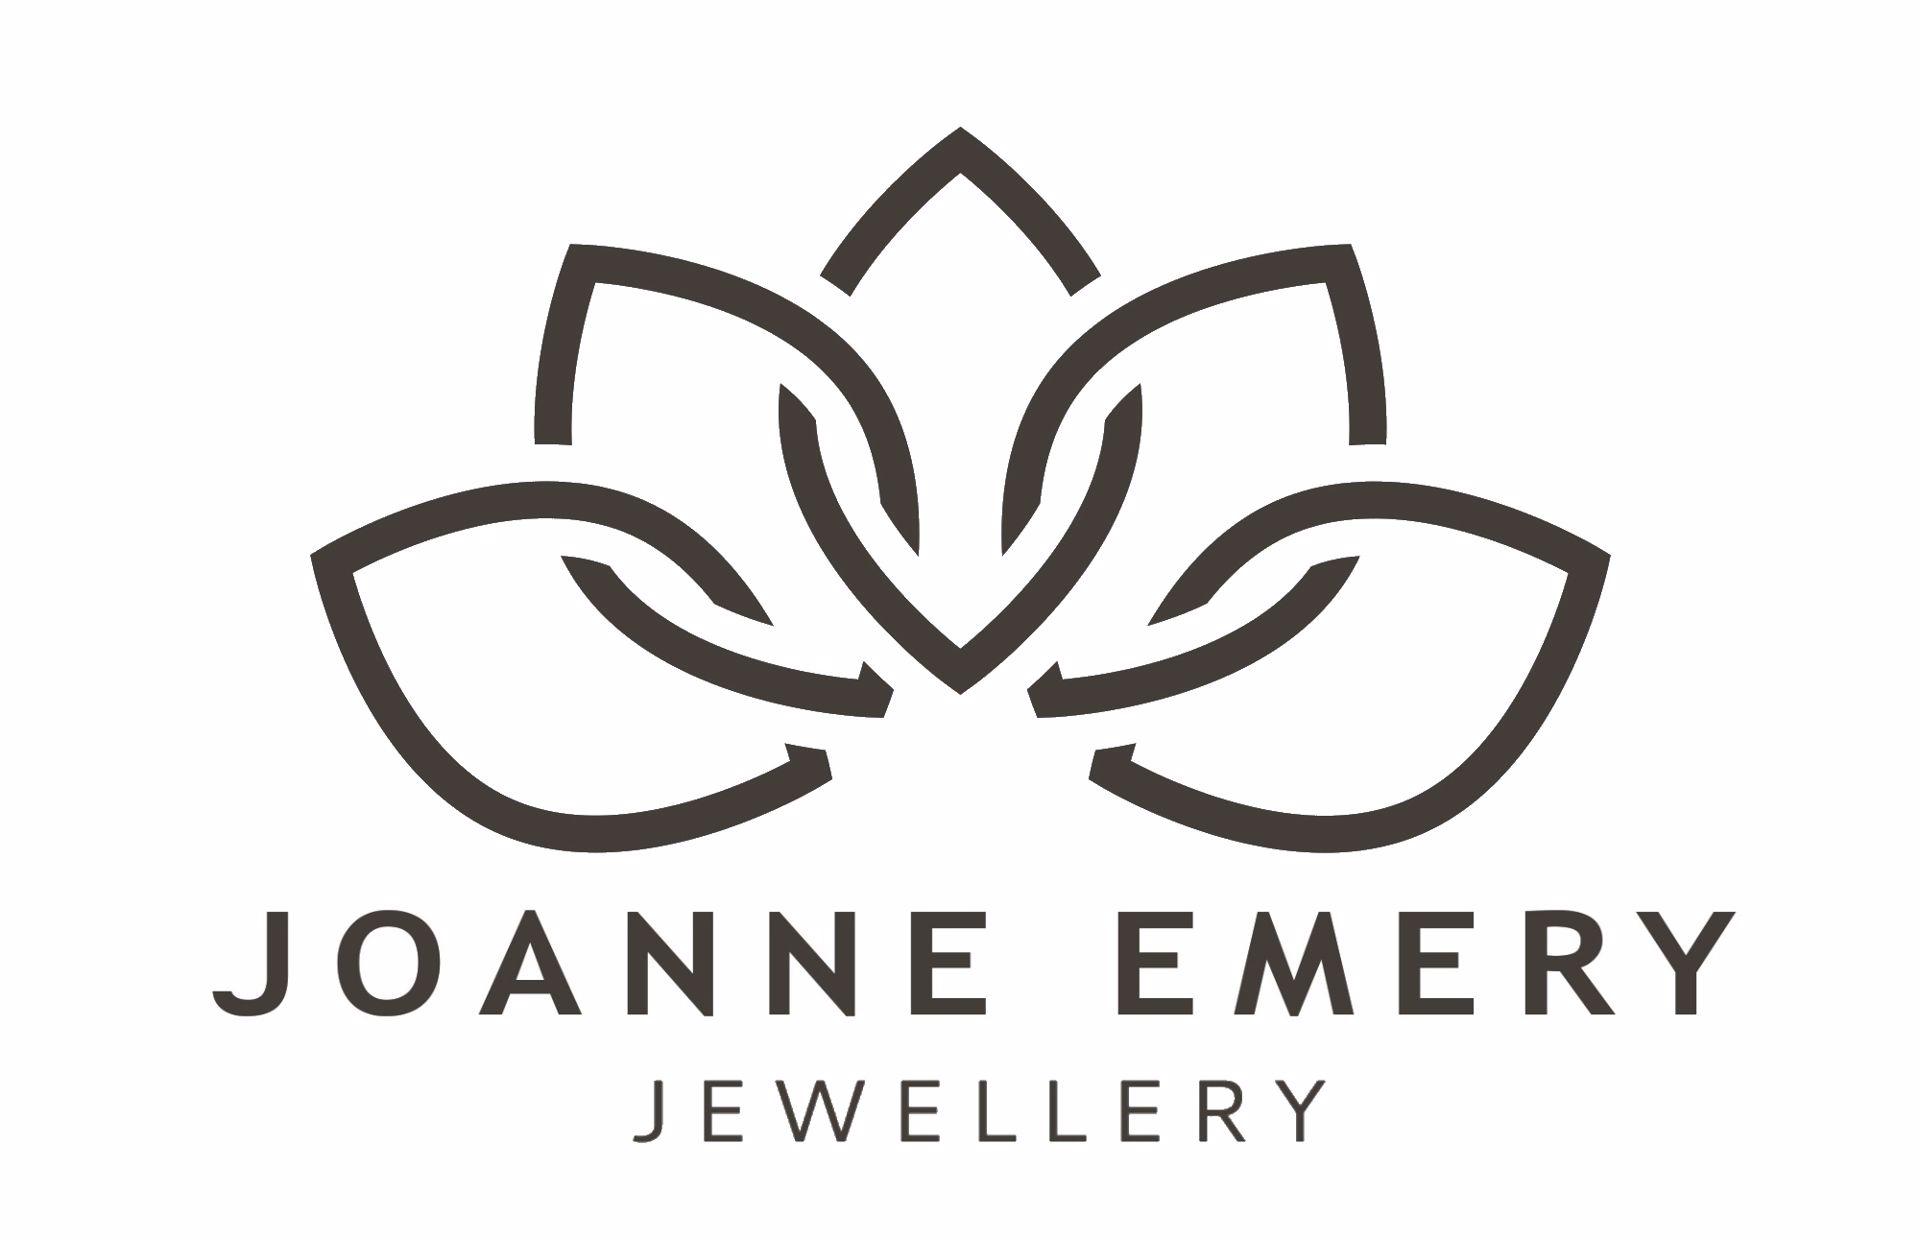 Joanne Emery Jewellery